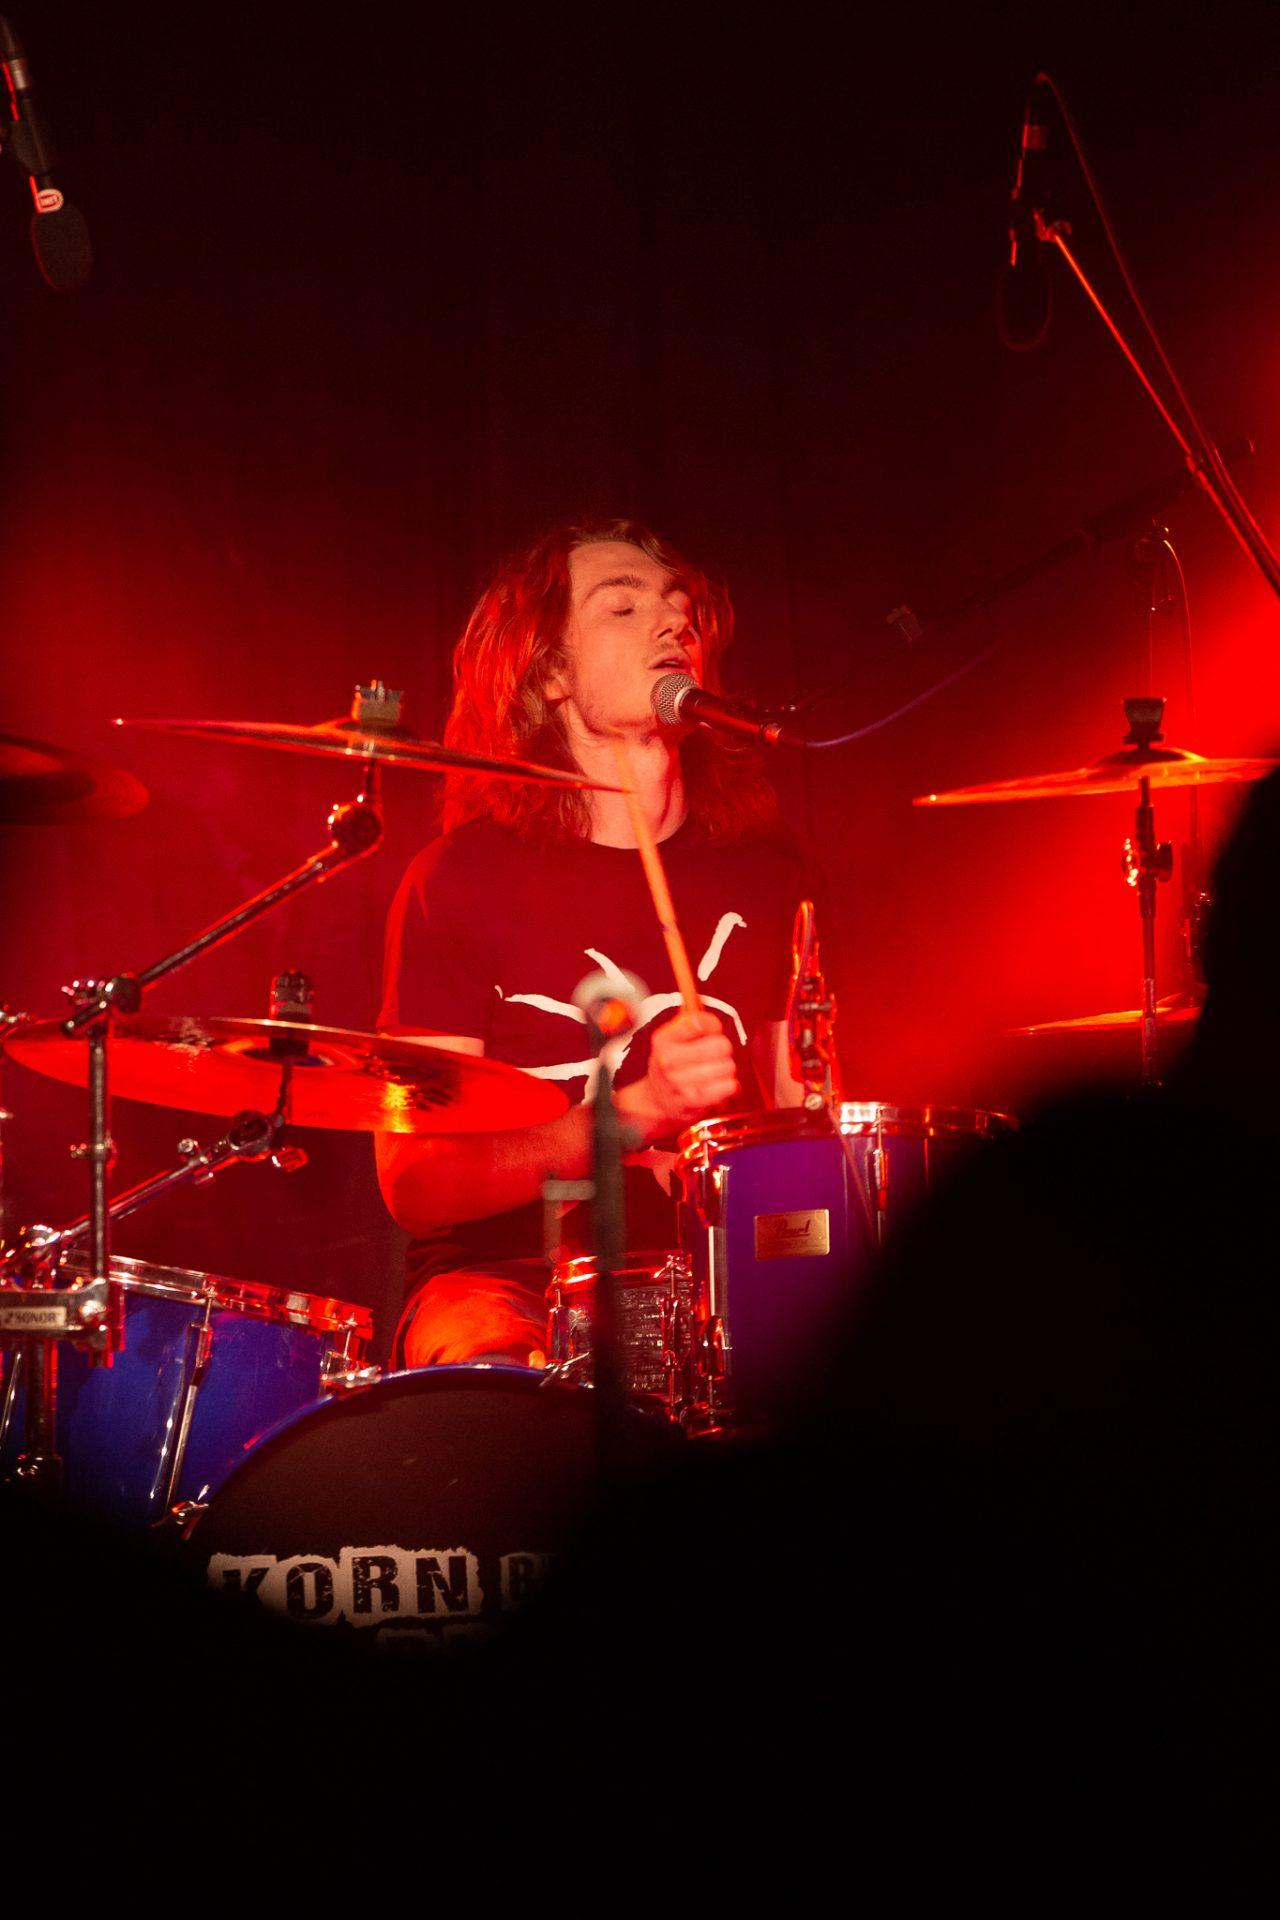 Elossa - Drummer